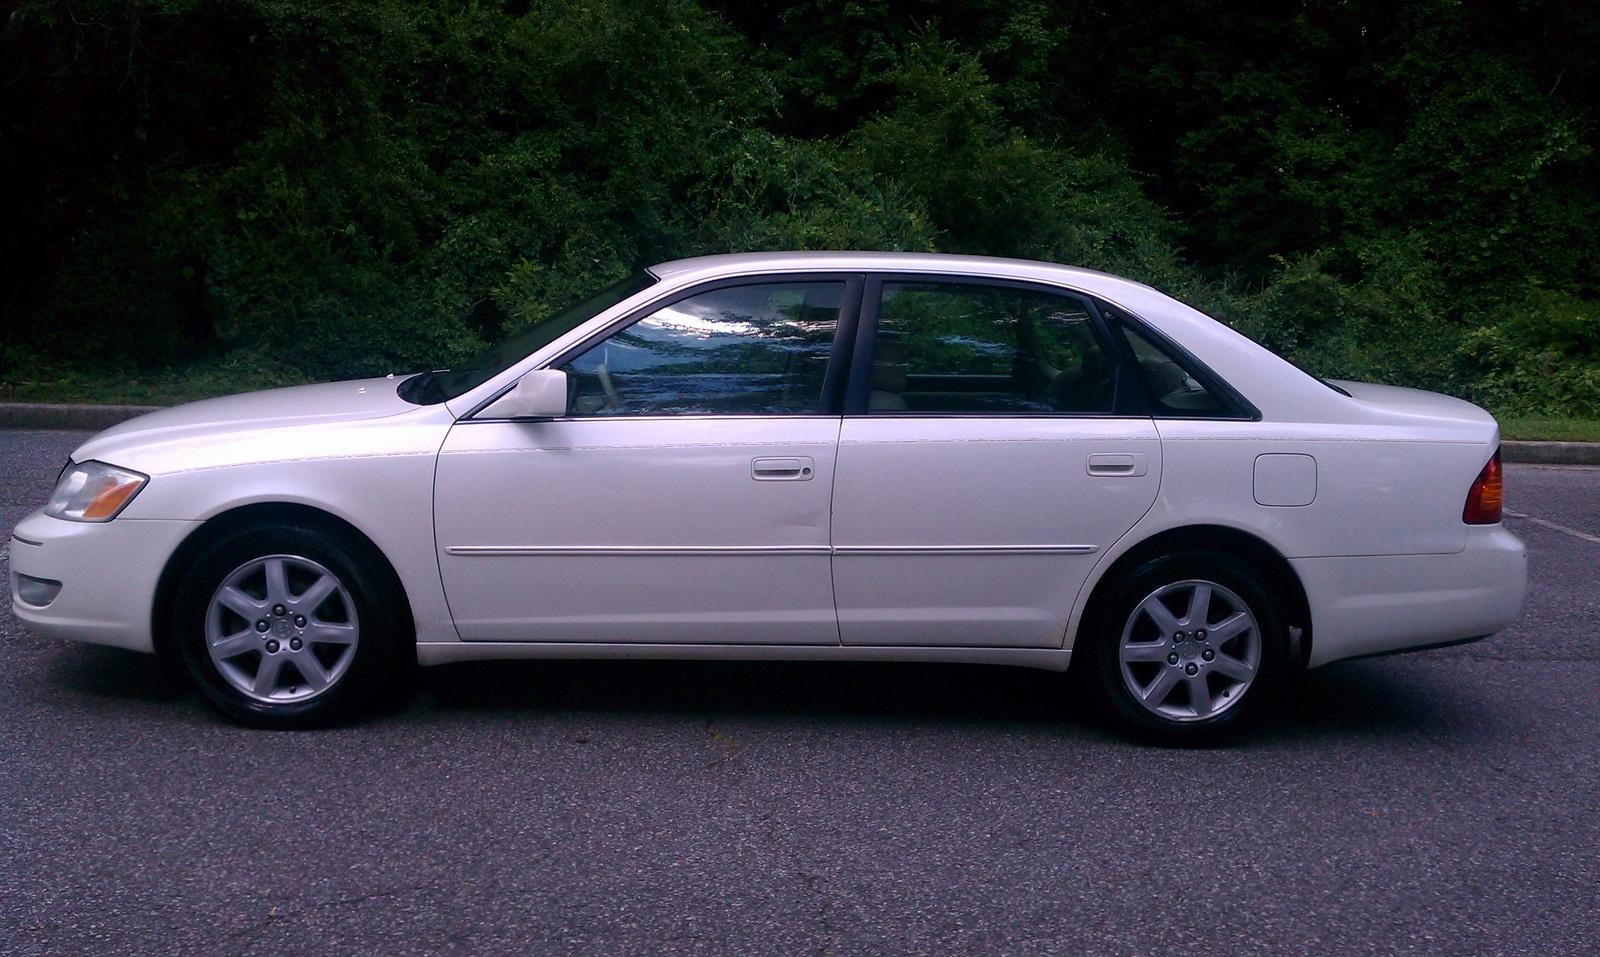 2001 Toyota Avalon Pictures Cargurus